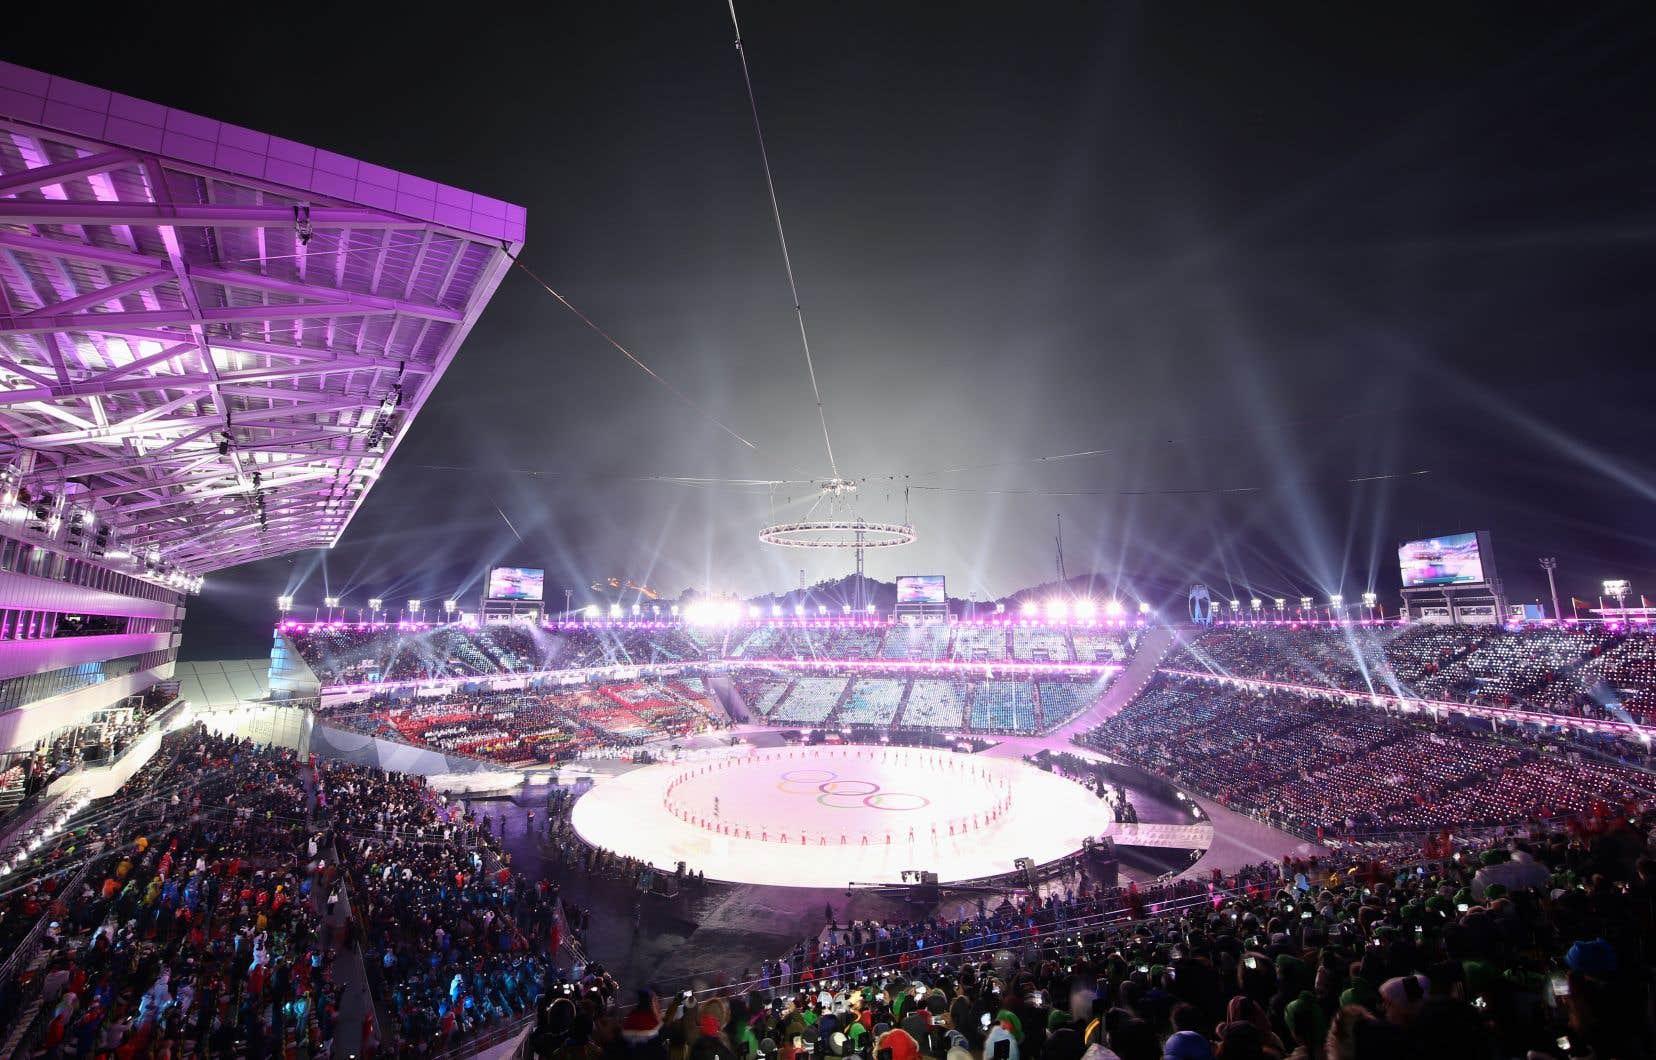 Le Stade olympique de Pyeongchang est une installation éphémère d'une capacité de 35 000 places, destinée à être démontée après avoir servi aux cérémonies d'ouverture et de fermeture.